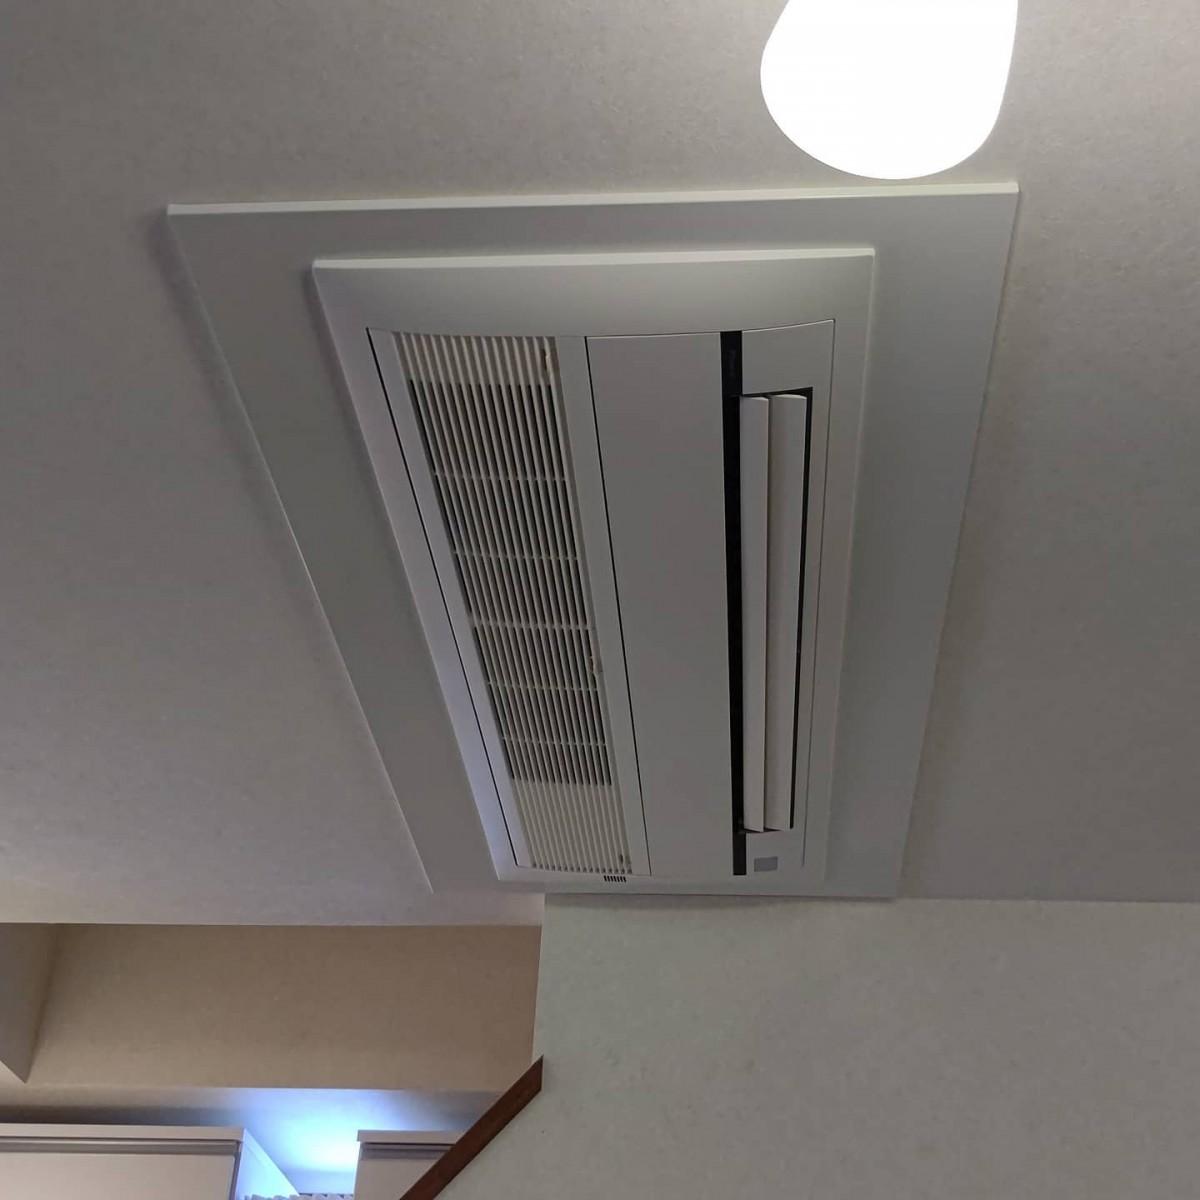 ハウジングエアコン更新工事!4.0kWから6.3kW、2方向から1方向へ変更。既設2分4分配管でラッキーでしたね室内機小さくなるのでワイドパネルで目隠し。とても喜んでくださいました#エアコン #エアコン入替 #ハウジングエアコン #空調設備 #ダイキン  #日立 #異径 #住宅設備 #電気工事 #リフォーム工事 #防犯設備 #有限会社小沢電機商会 #オザワデンキ #品川区大崎